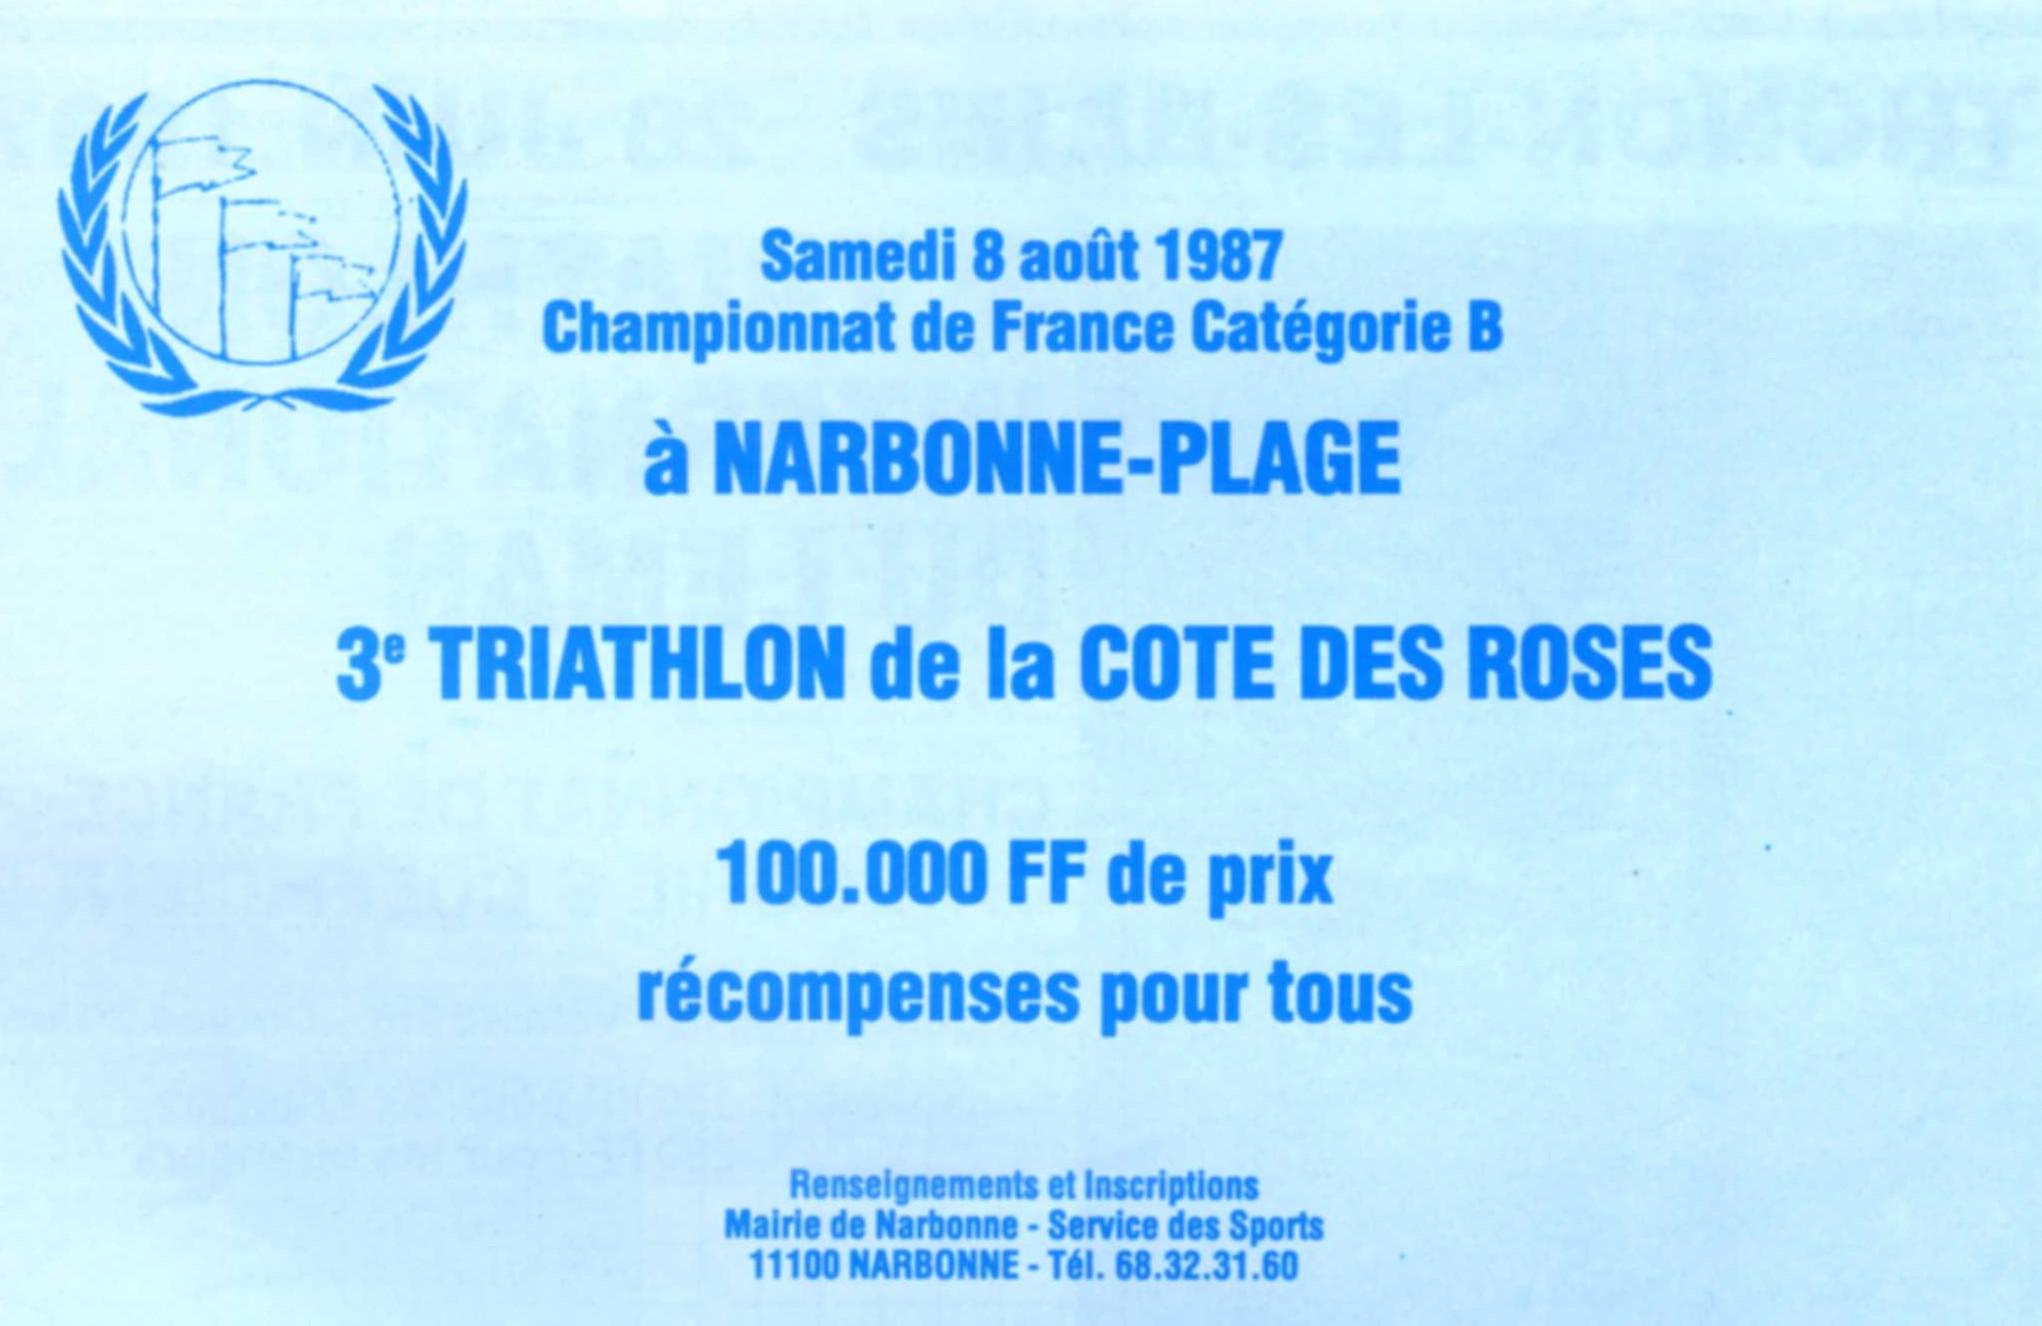 img[A]129_08-aout-1987_Narbonne-Plage-pub